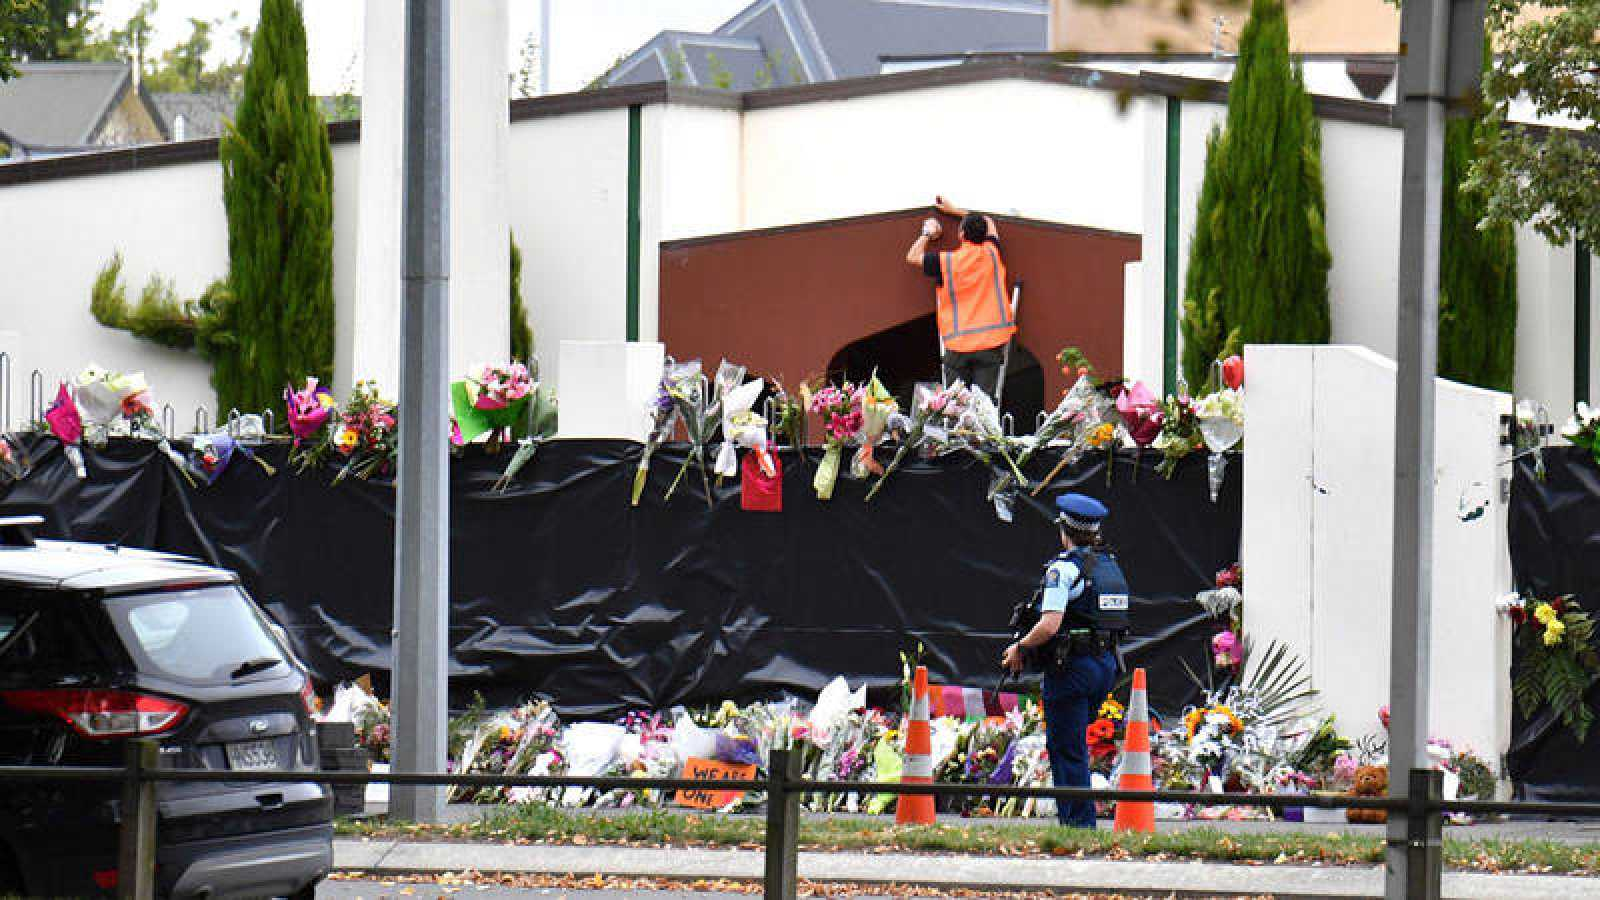 Nueva Zelanda prohibirá las armas militares y semiautomáticas tras el atentado de Christchurch